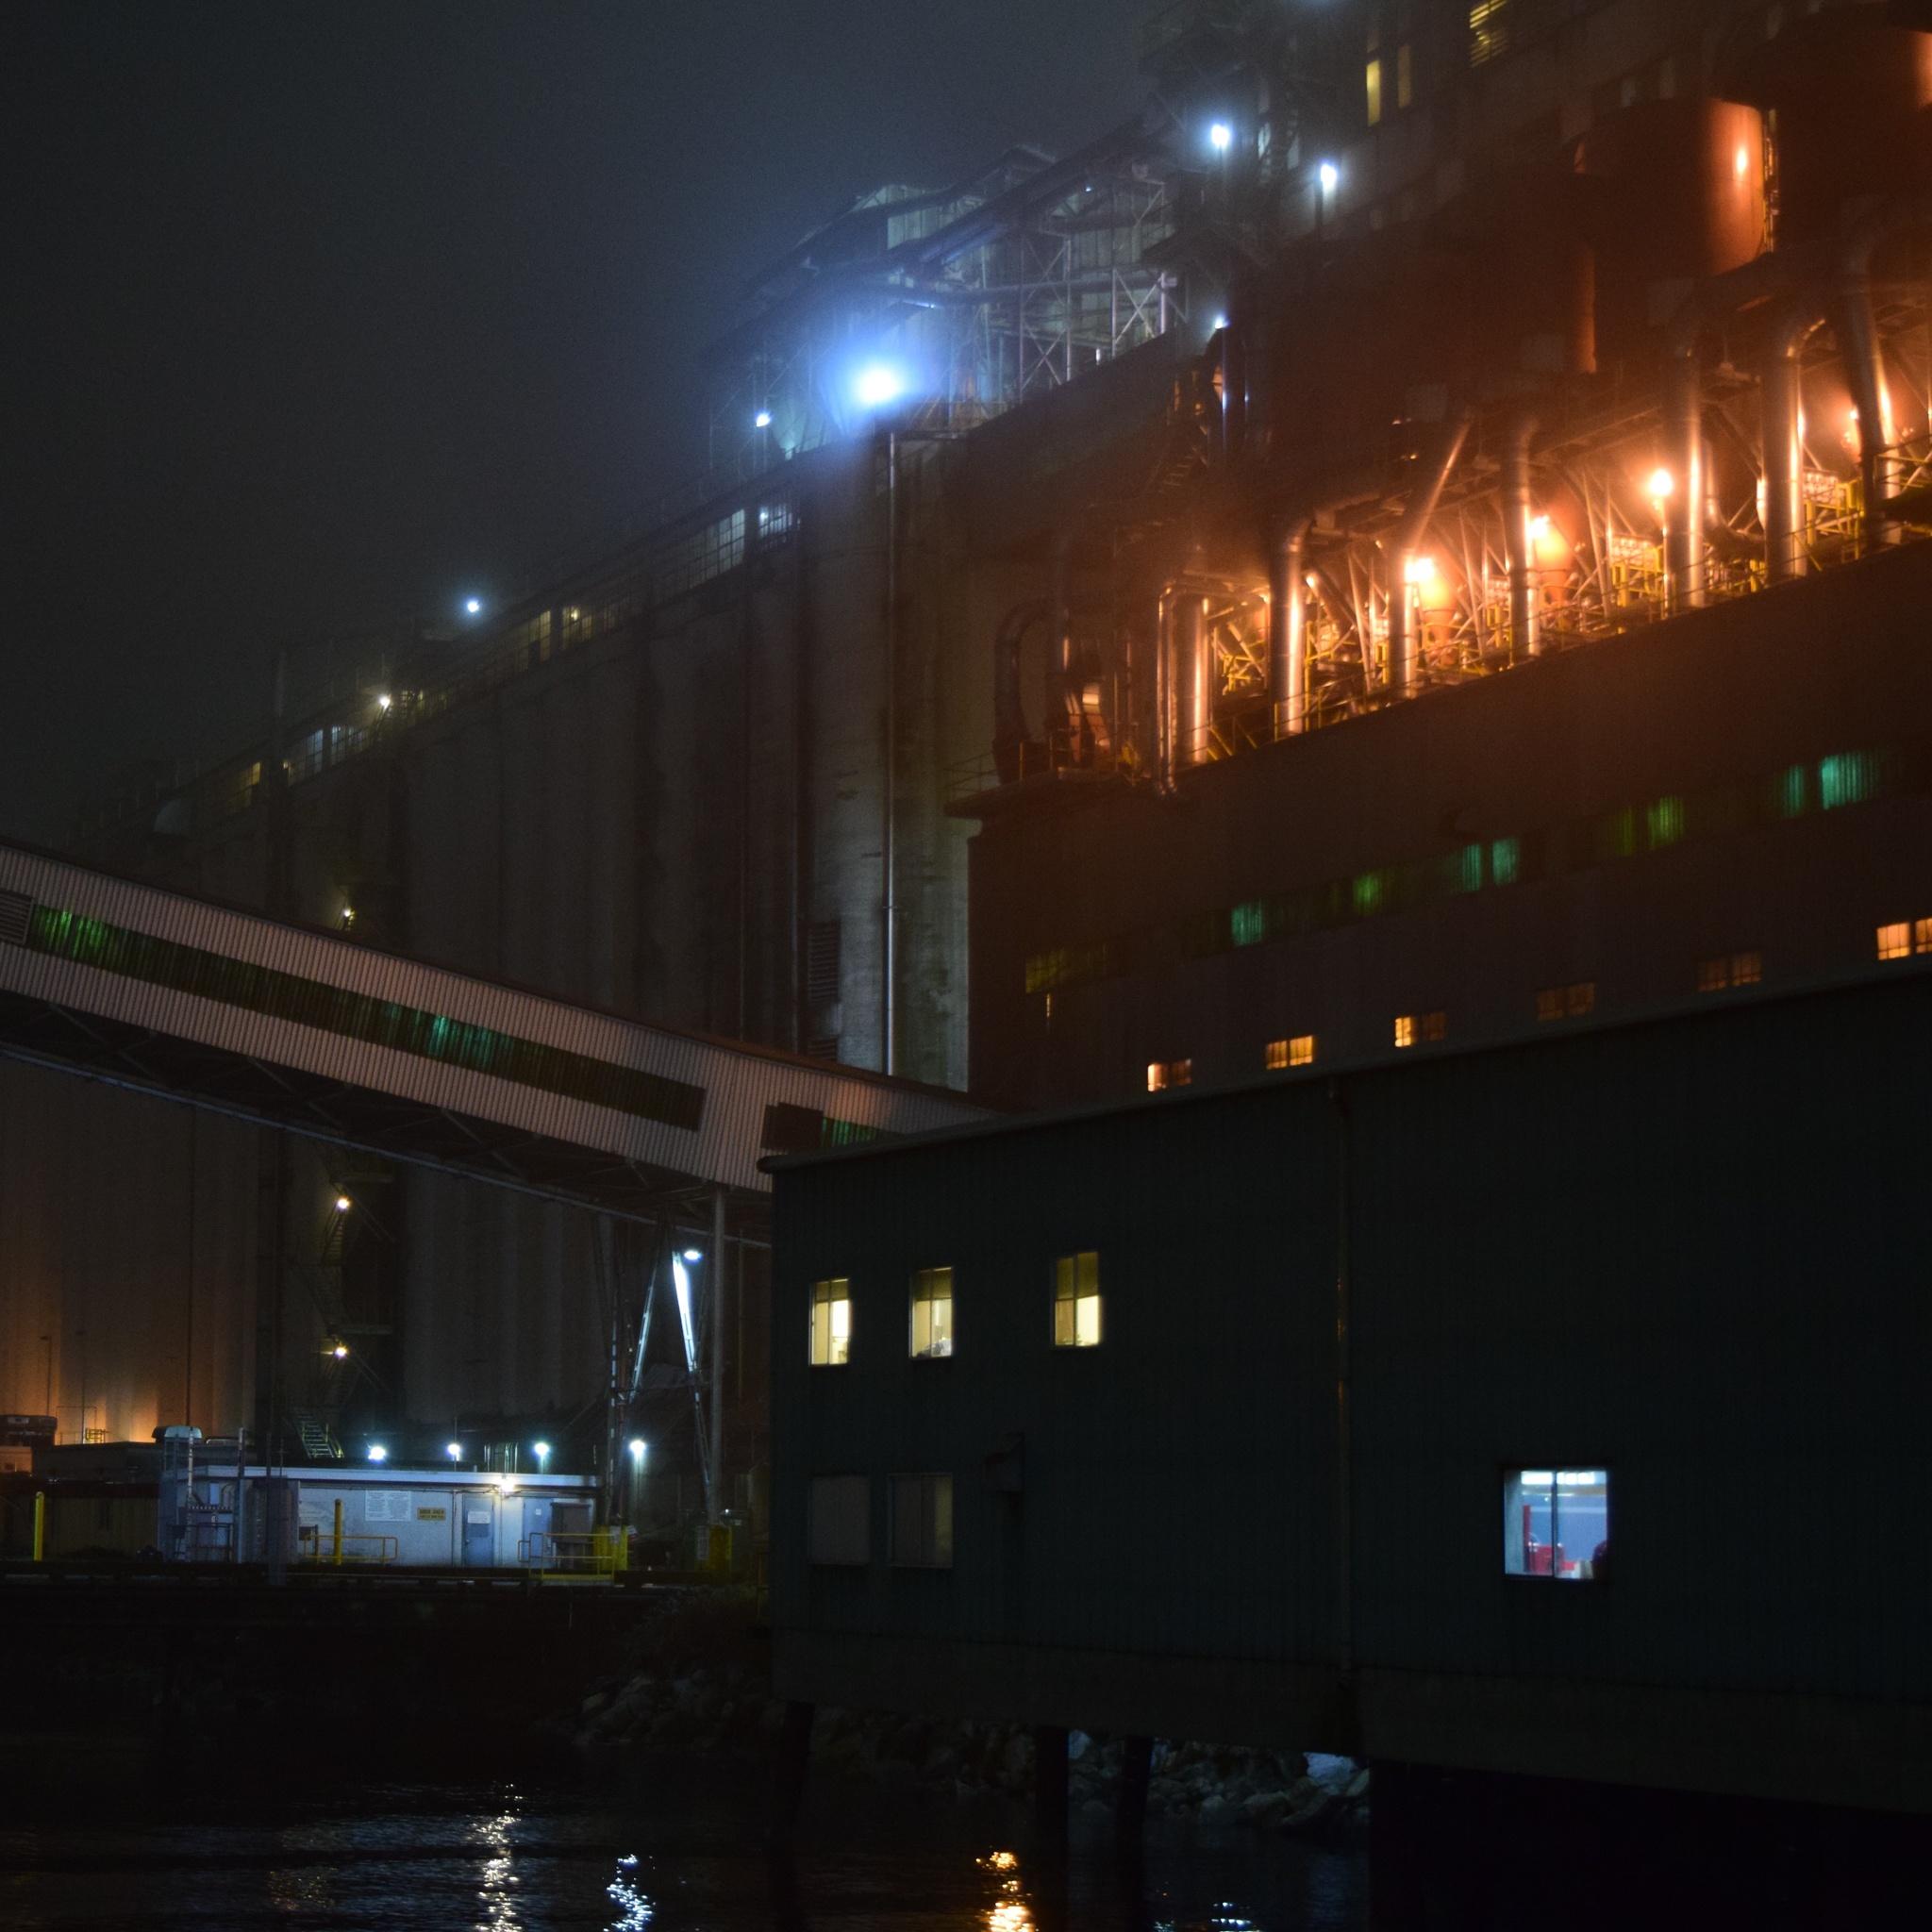 industrial320_2_of_7.jpg